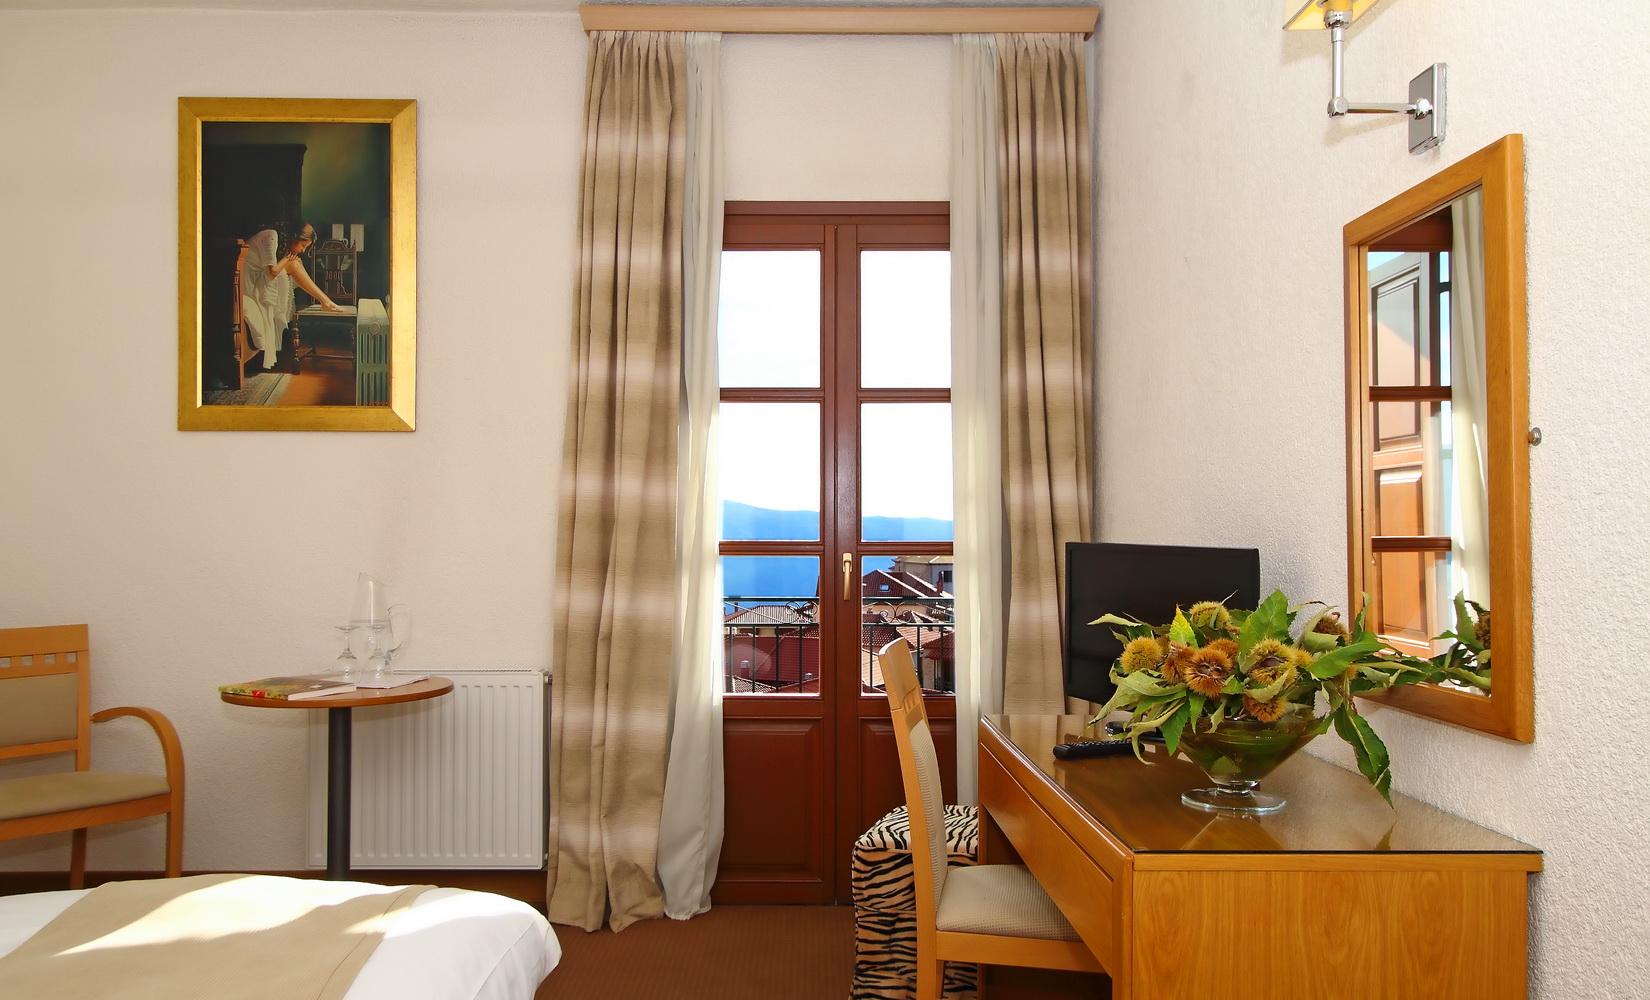 PARNASSIA HOTEL MOUNT VIEW